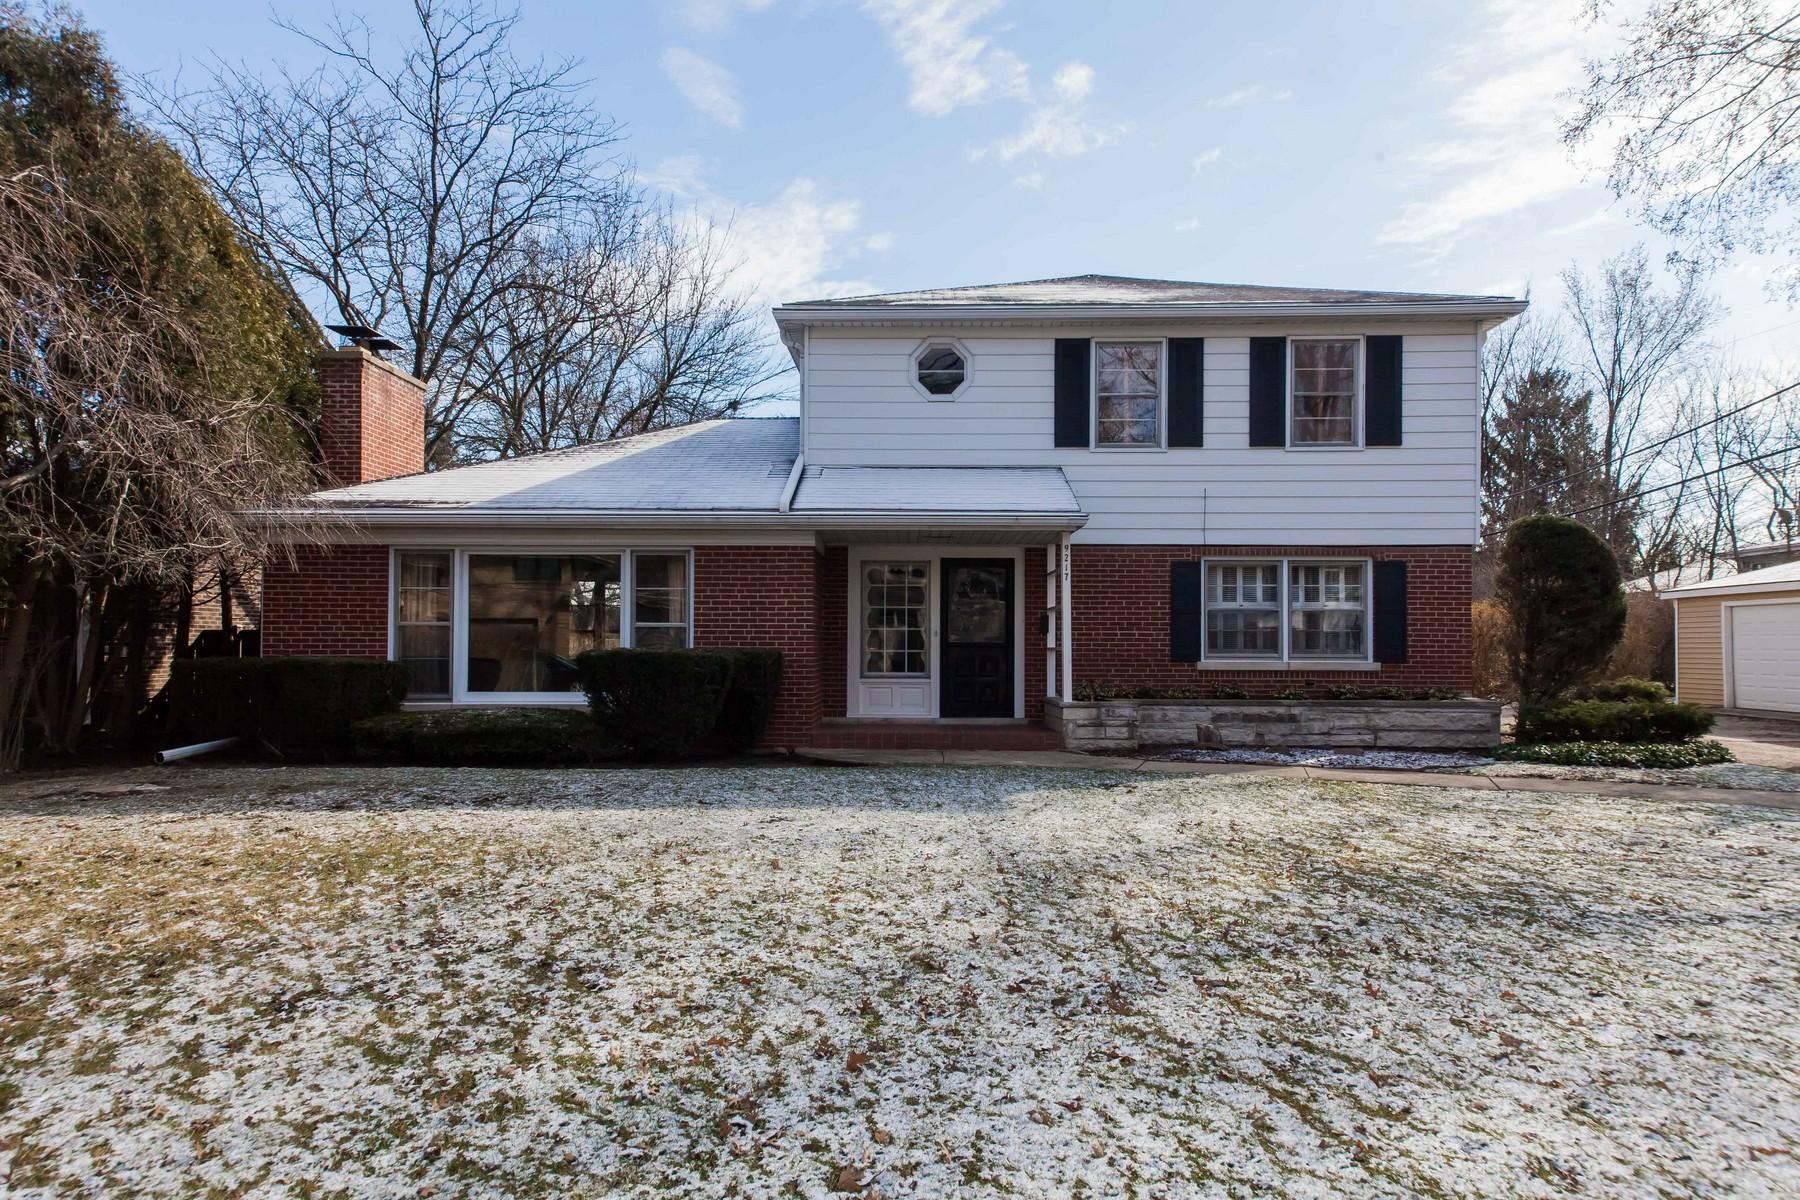 Casa Unifamiliar por un Venta en Custom Built Home 9217 Hamlin Avenue Evanston, Illinois, 60203 Estados Unidos